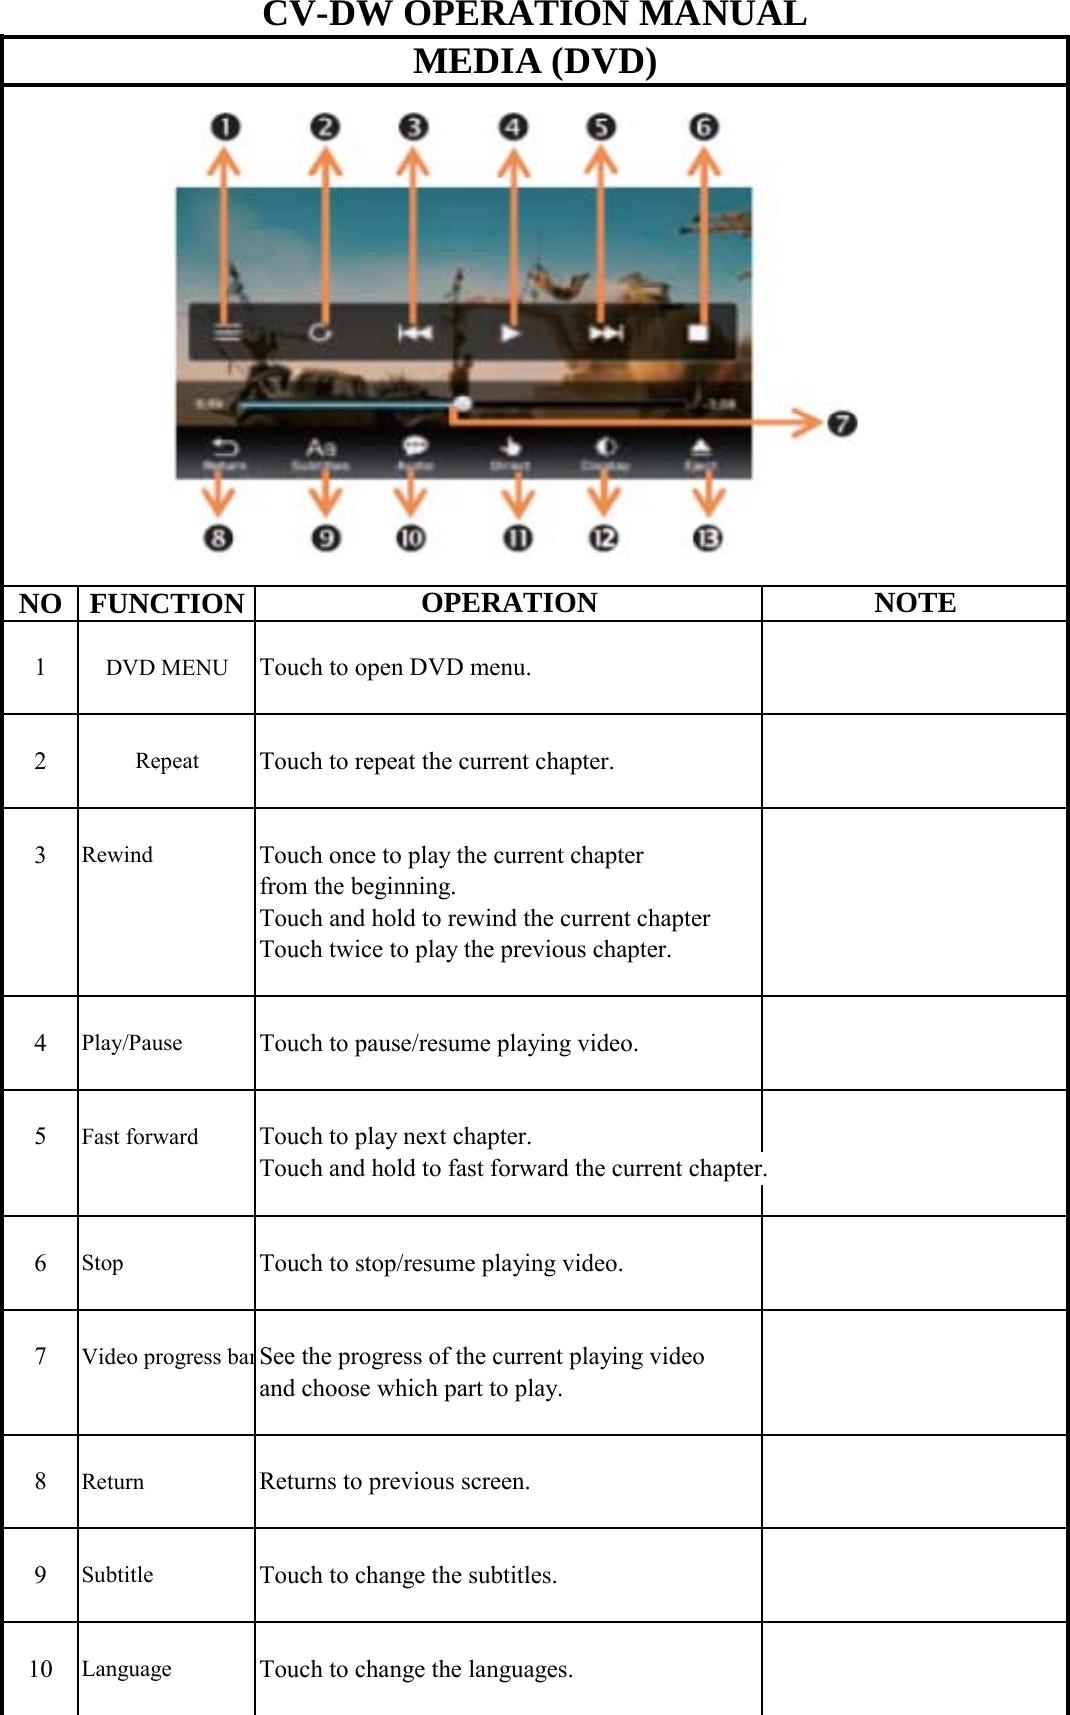 panasonic dvx200 user manual vol 2 download